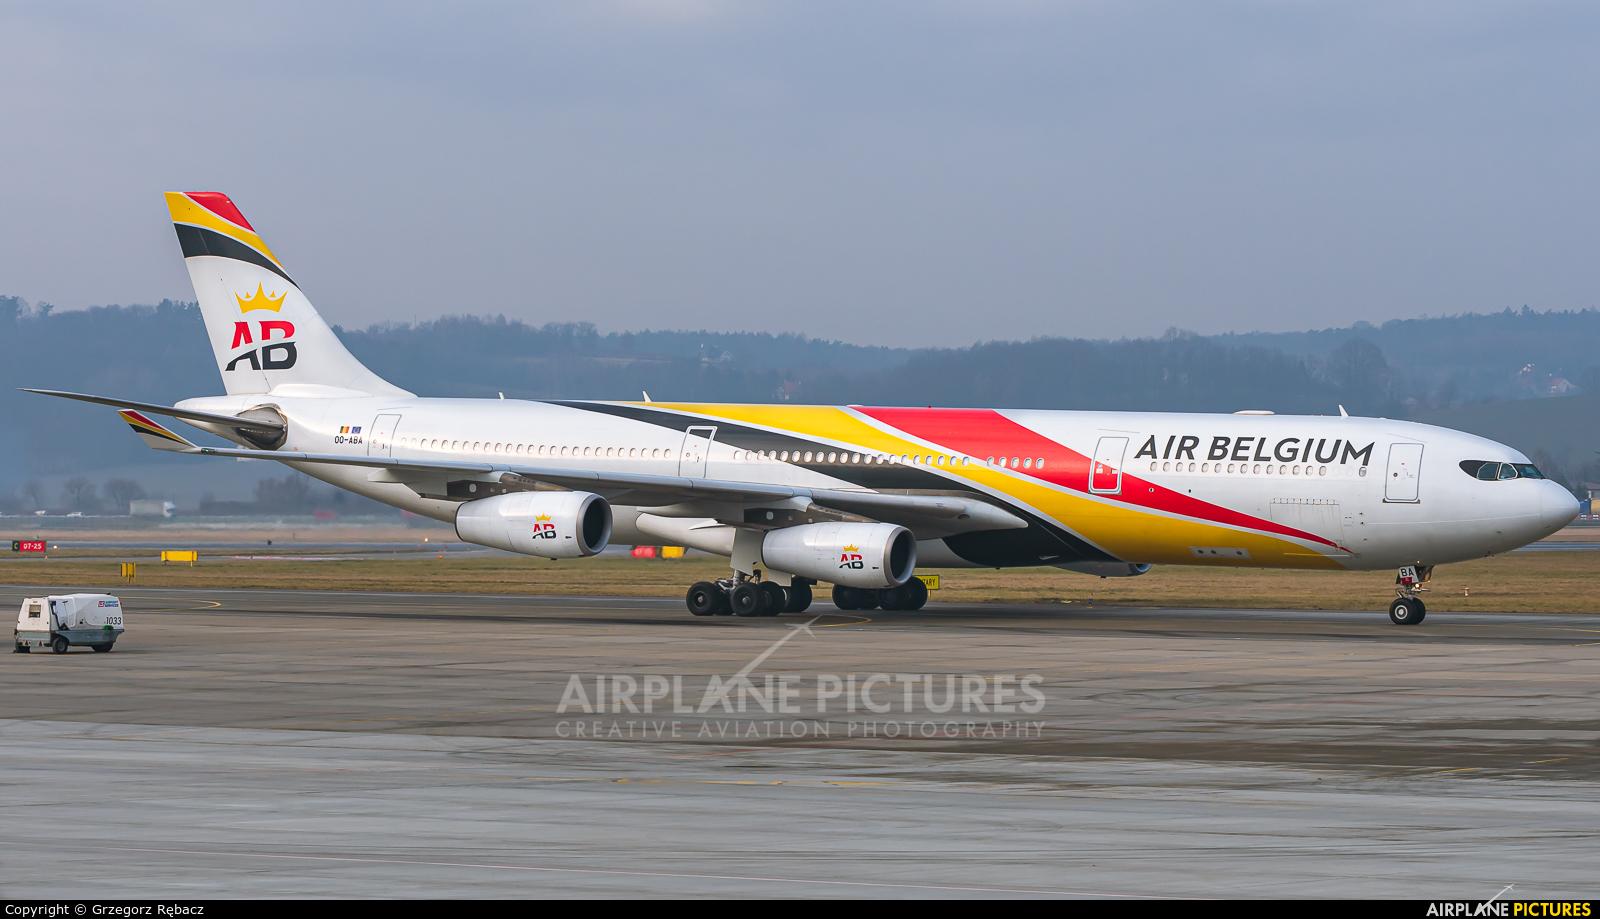 Air Belgium OO-ABA aircraft at Kraków - John Paul II Intl